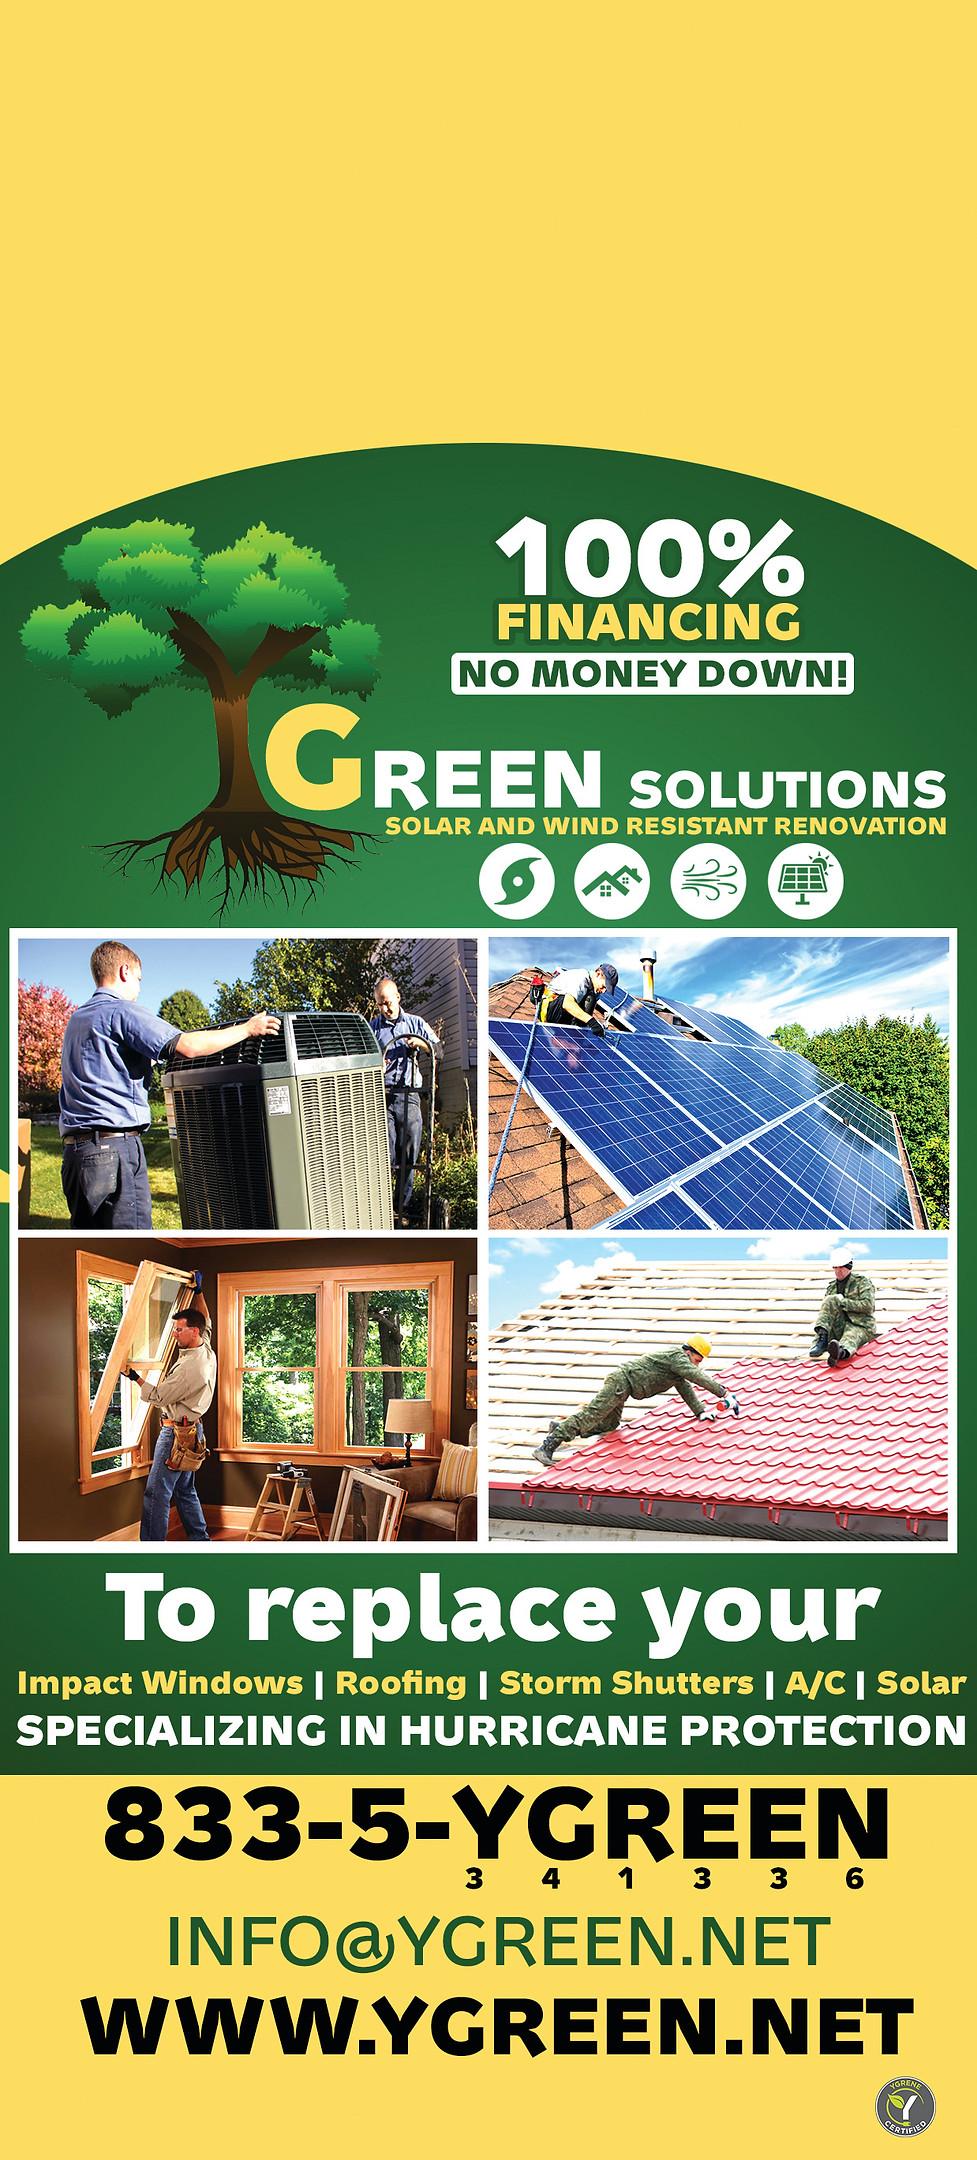 green solutions door hangers (1).jpg